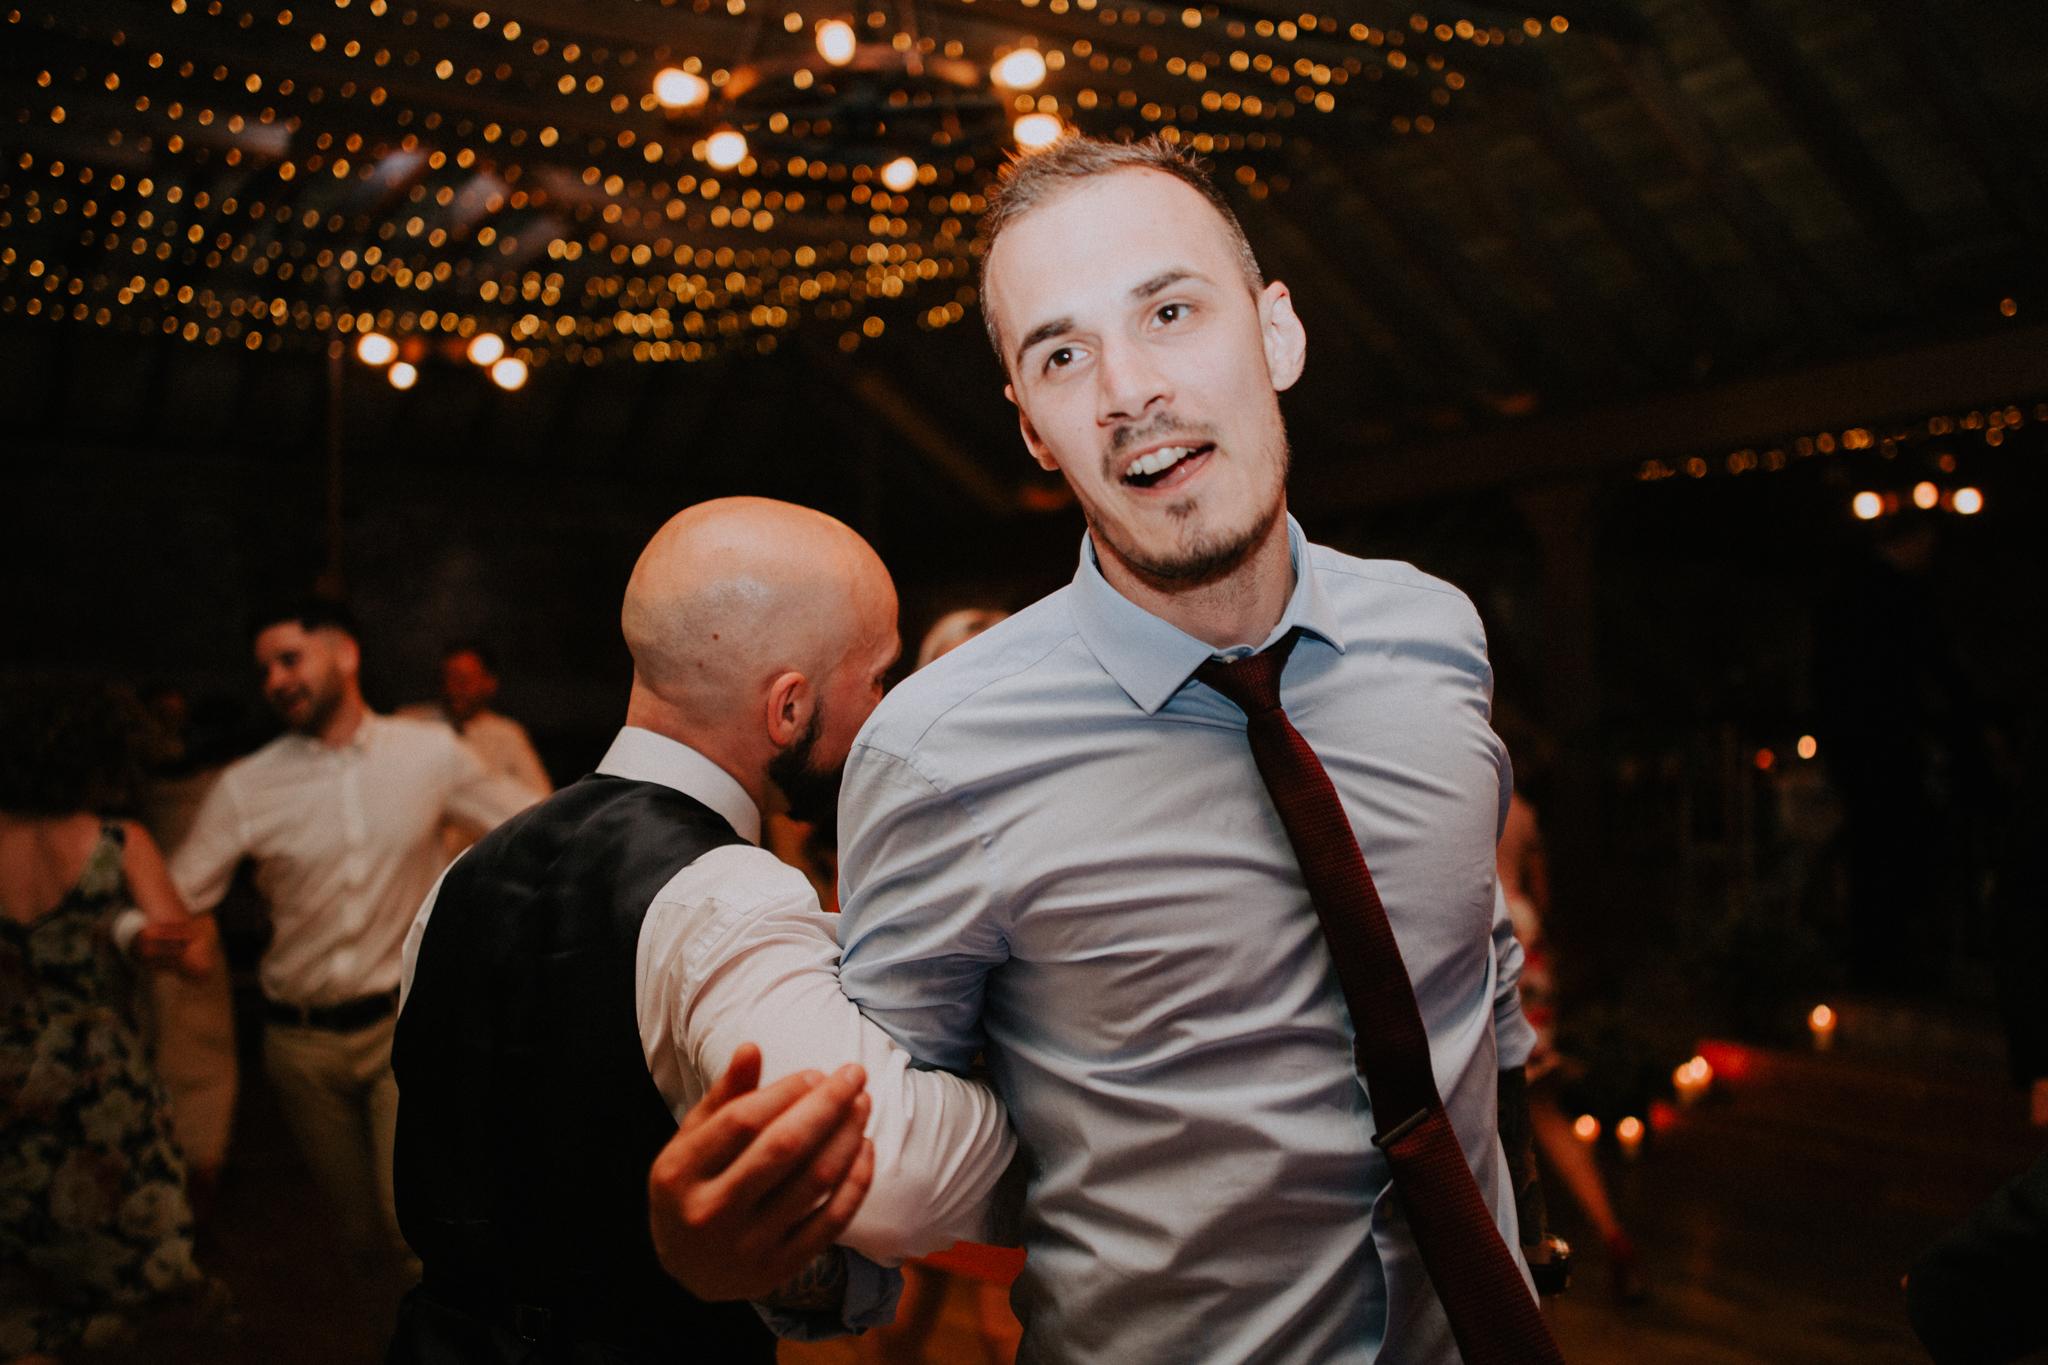 Active dancing shot